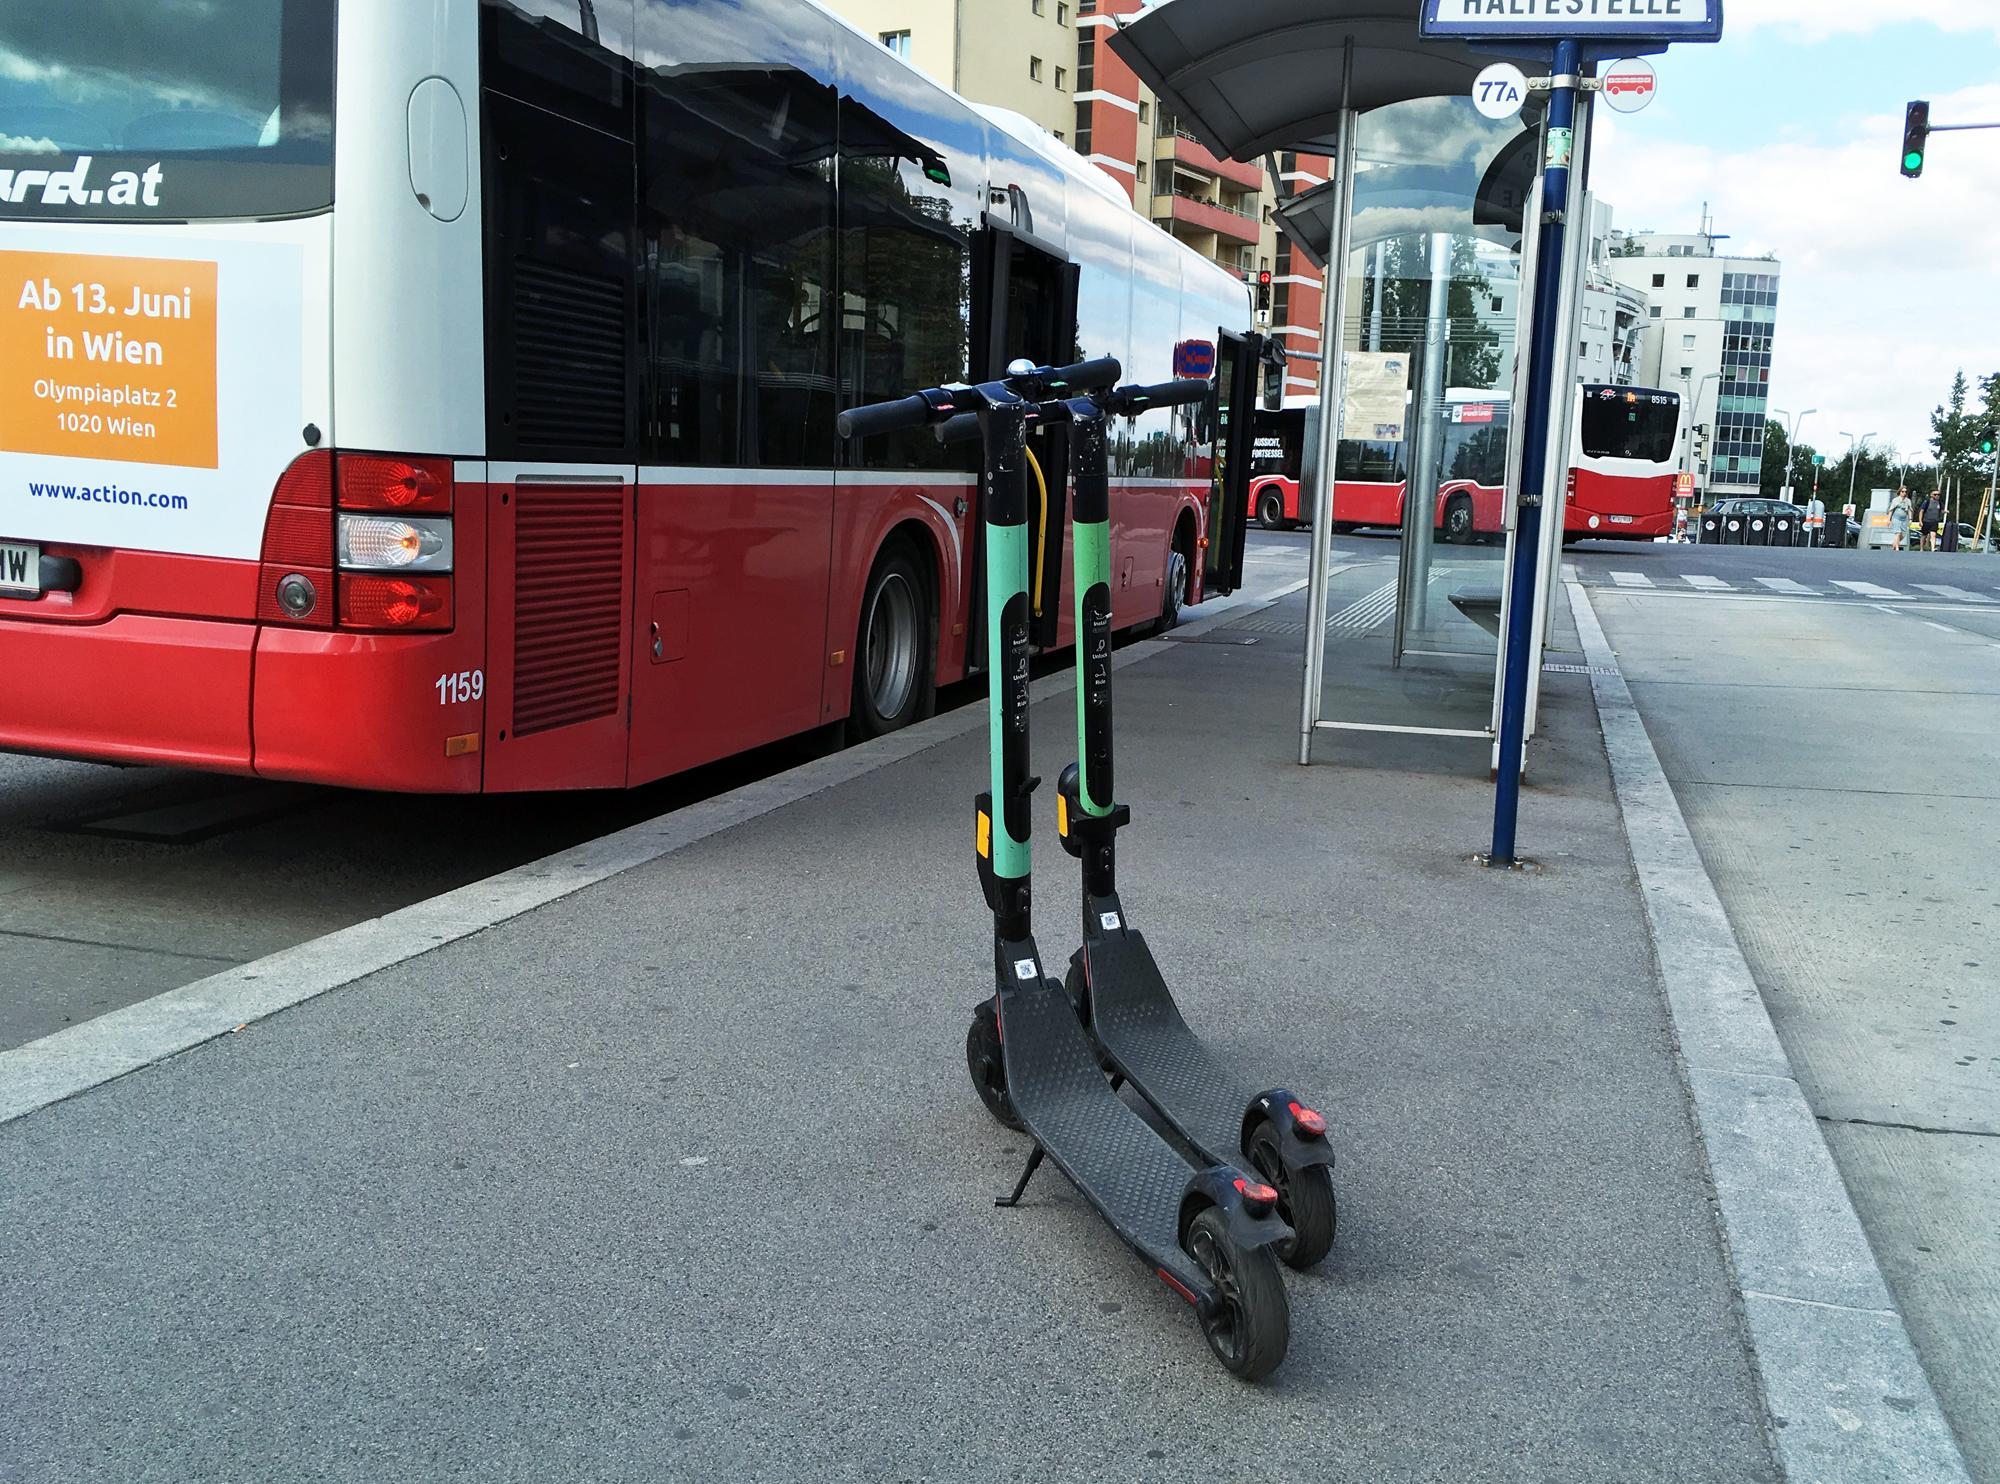 Zwei E-Scooter behindernd auf Haltestelleninsel eines Wiener Linien Busses abgestellt